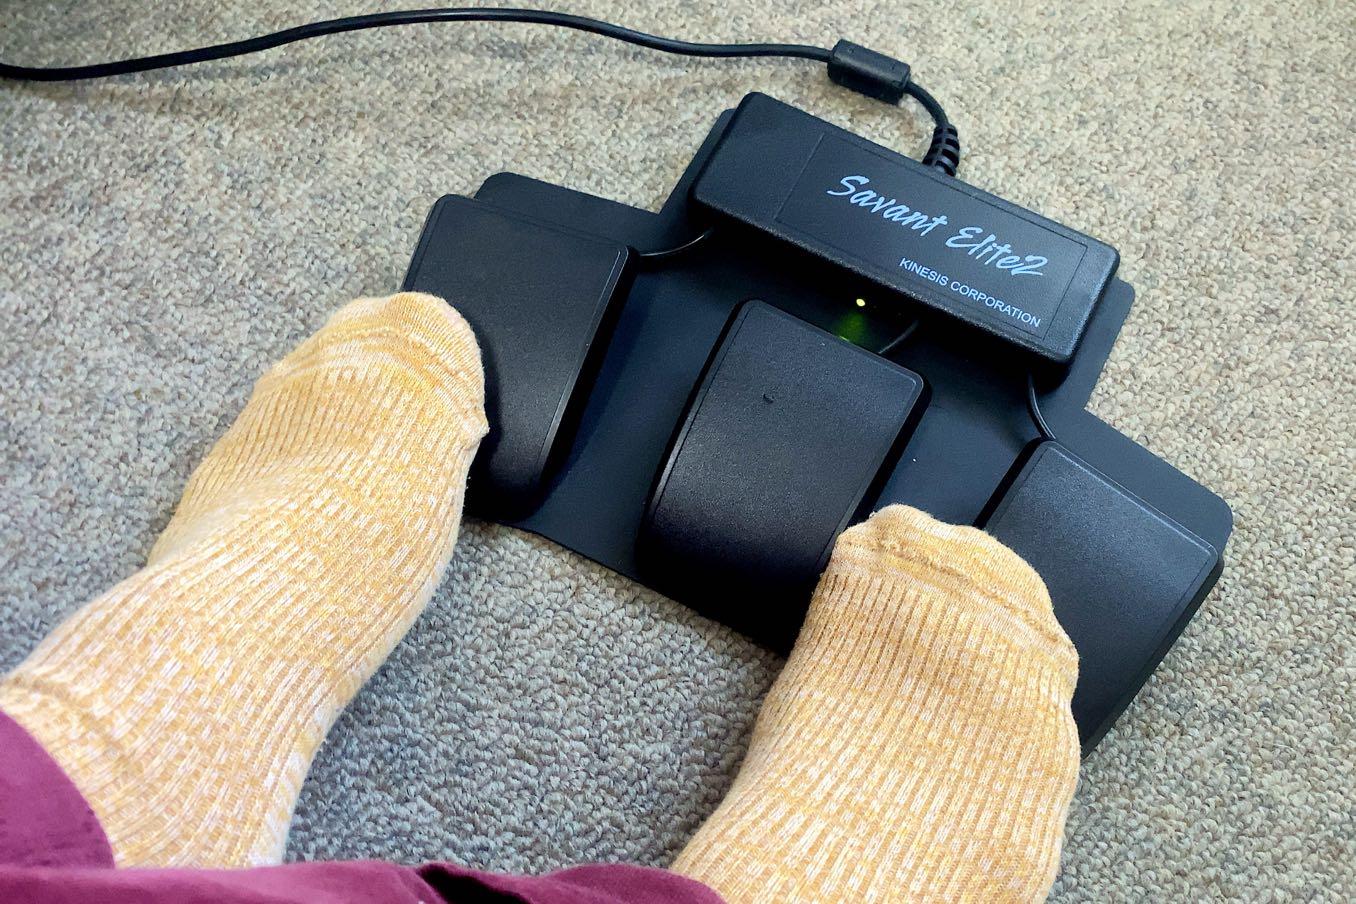 足で踏む3つの「スイッチ」で操作できる